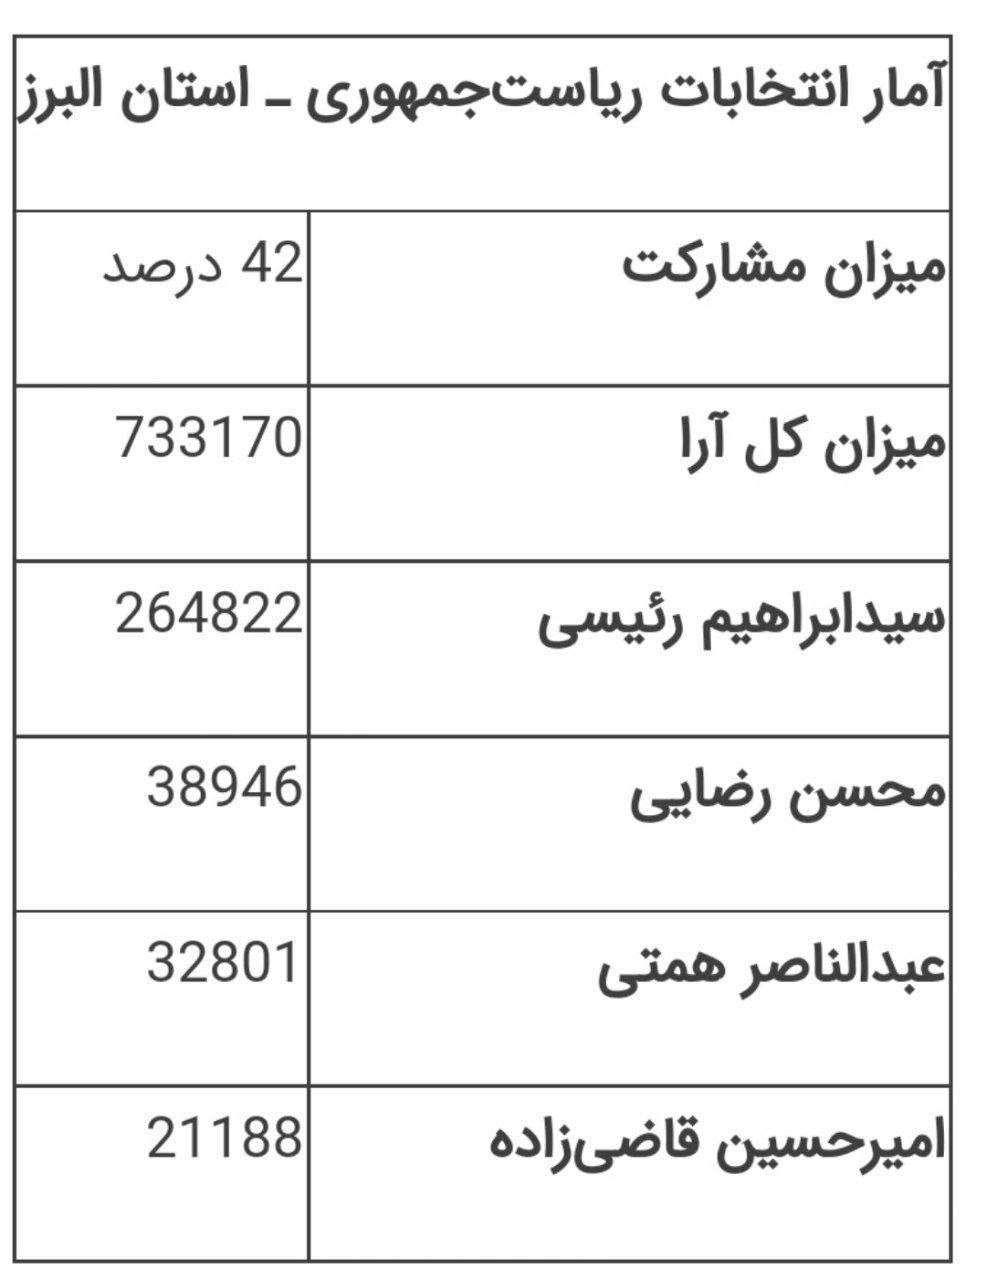 اتفاق عجيب و بى سابقه انتخاباتى در استان البرز